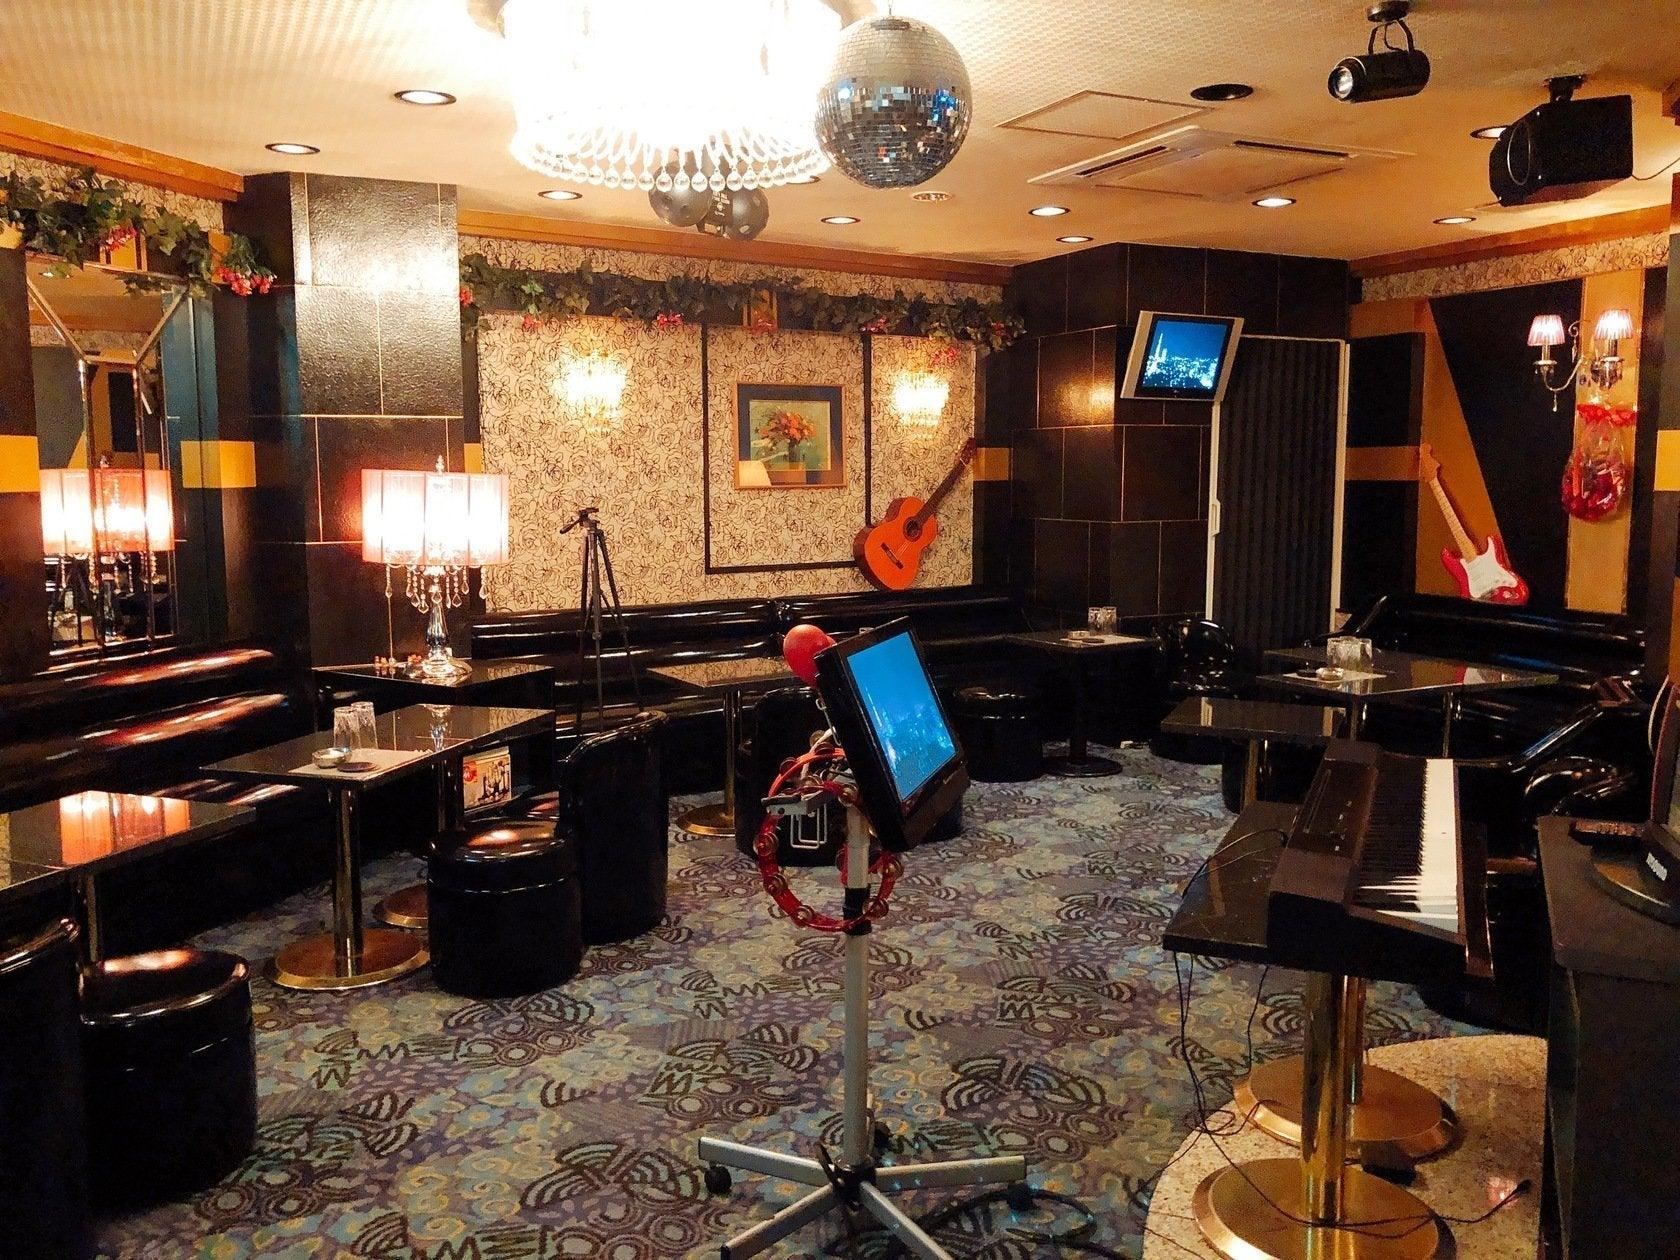 【スペースマーケット新宿歌舞伎町】⭐️トップホスト認定⭐️映画撮影の行われたラグジュアリーな空間でカラオケパーティ🎤